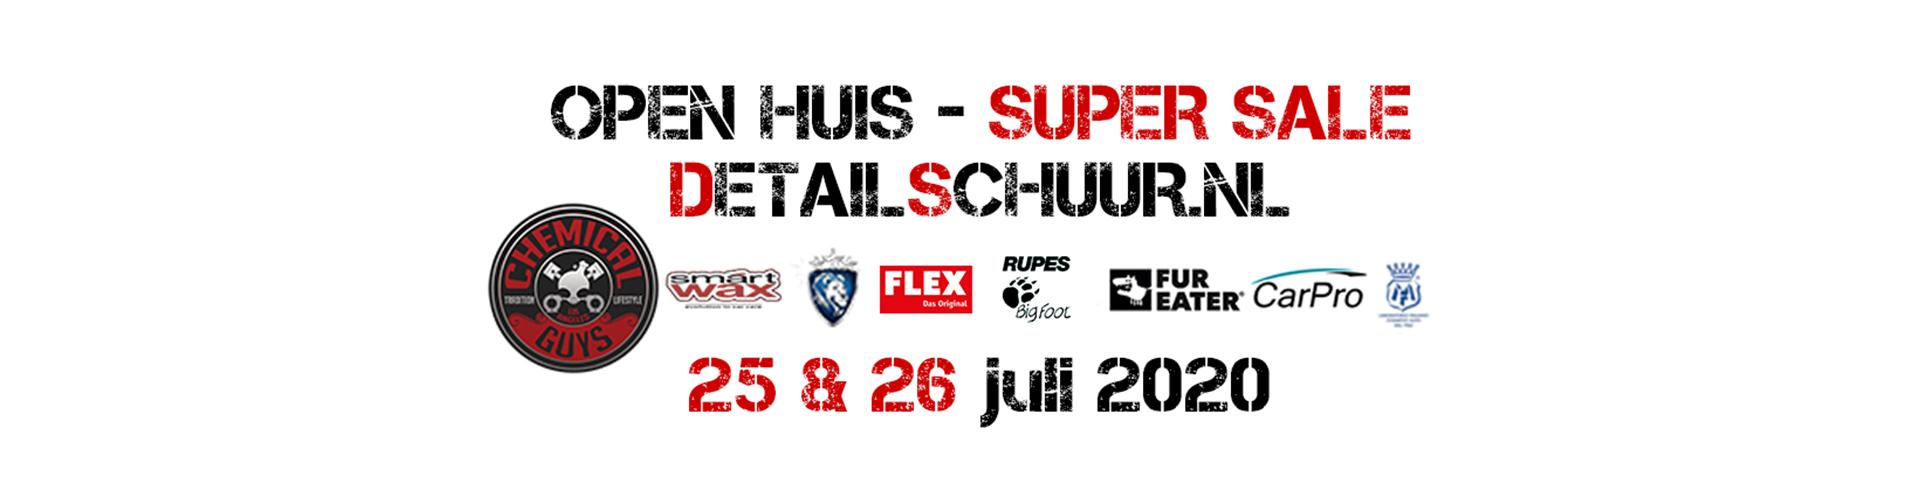 25 & 26 juli 2020 - Open Huis Detailschuur.nl